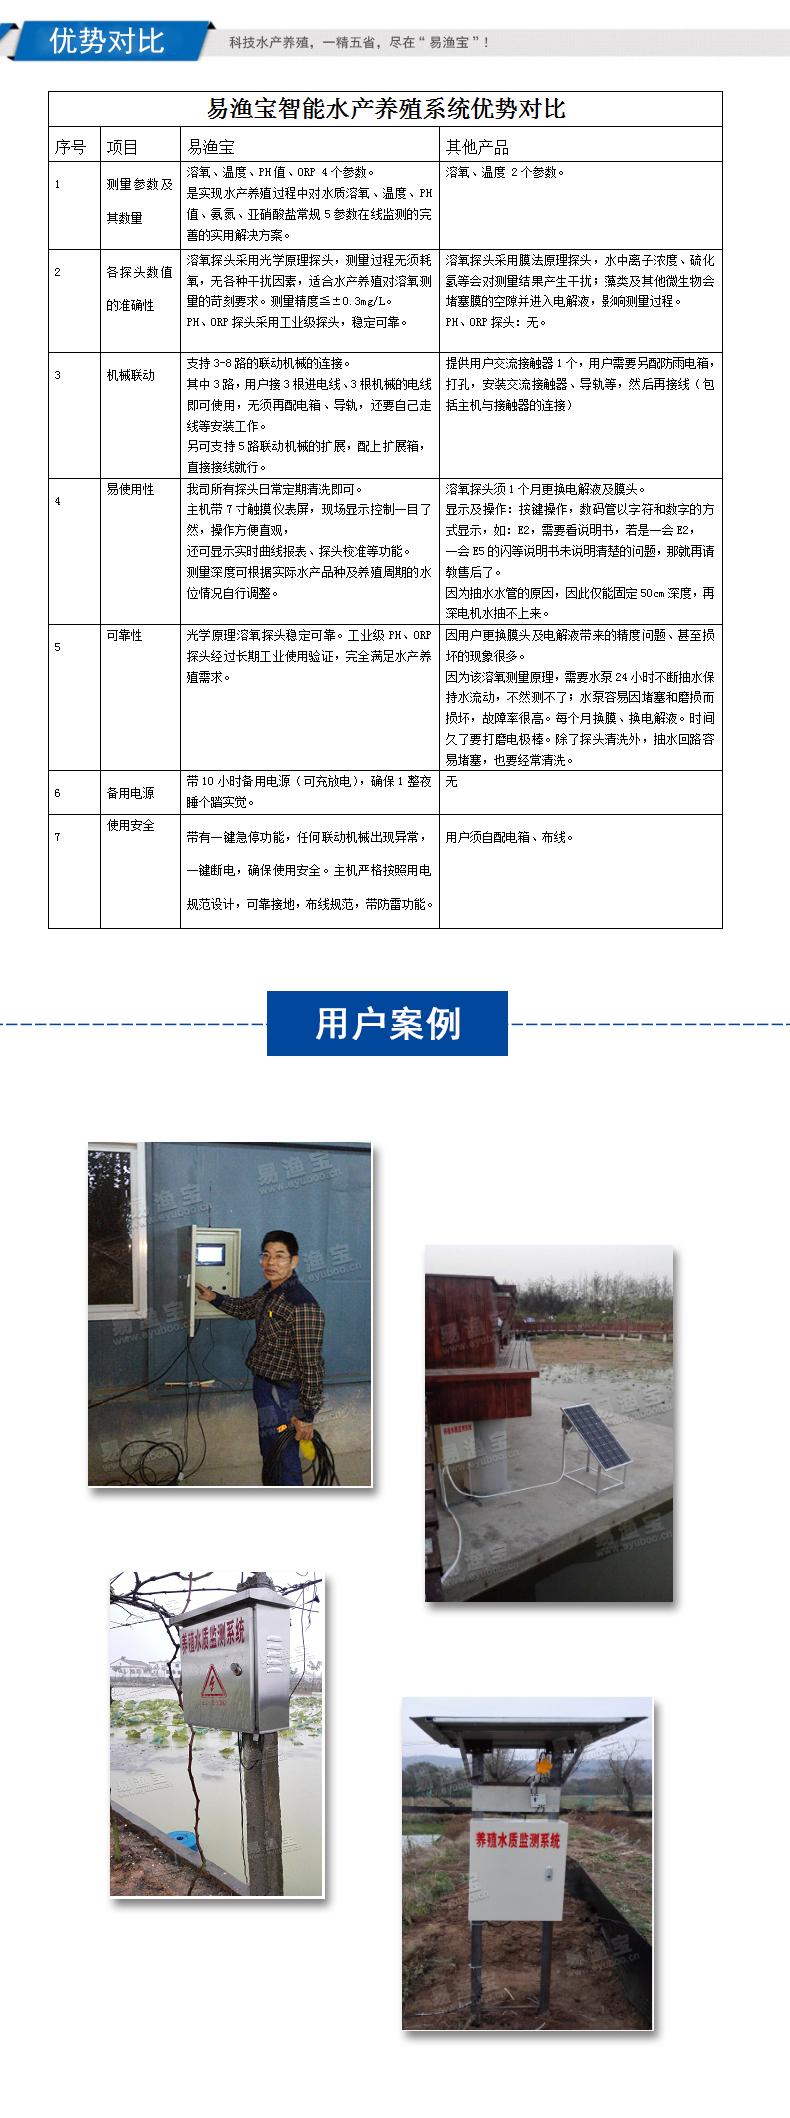 https://wap.haoyz.cn/attachment/images/1/2018/07/x1i6qjpu5IlwIL16IzS11Q6lLLq6II.jpg